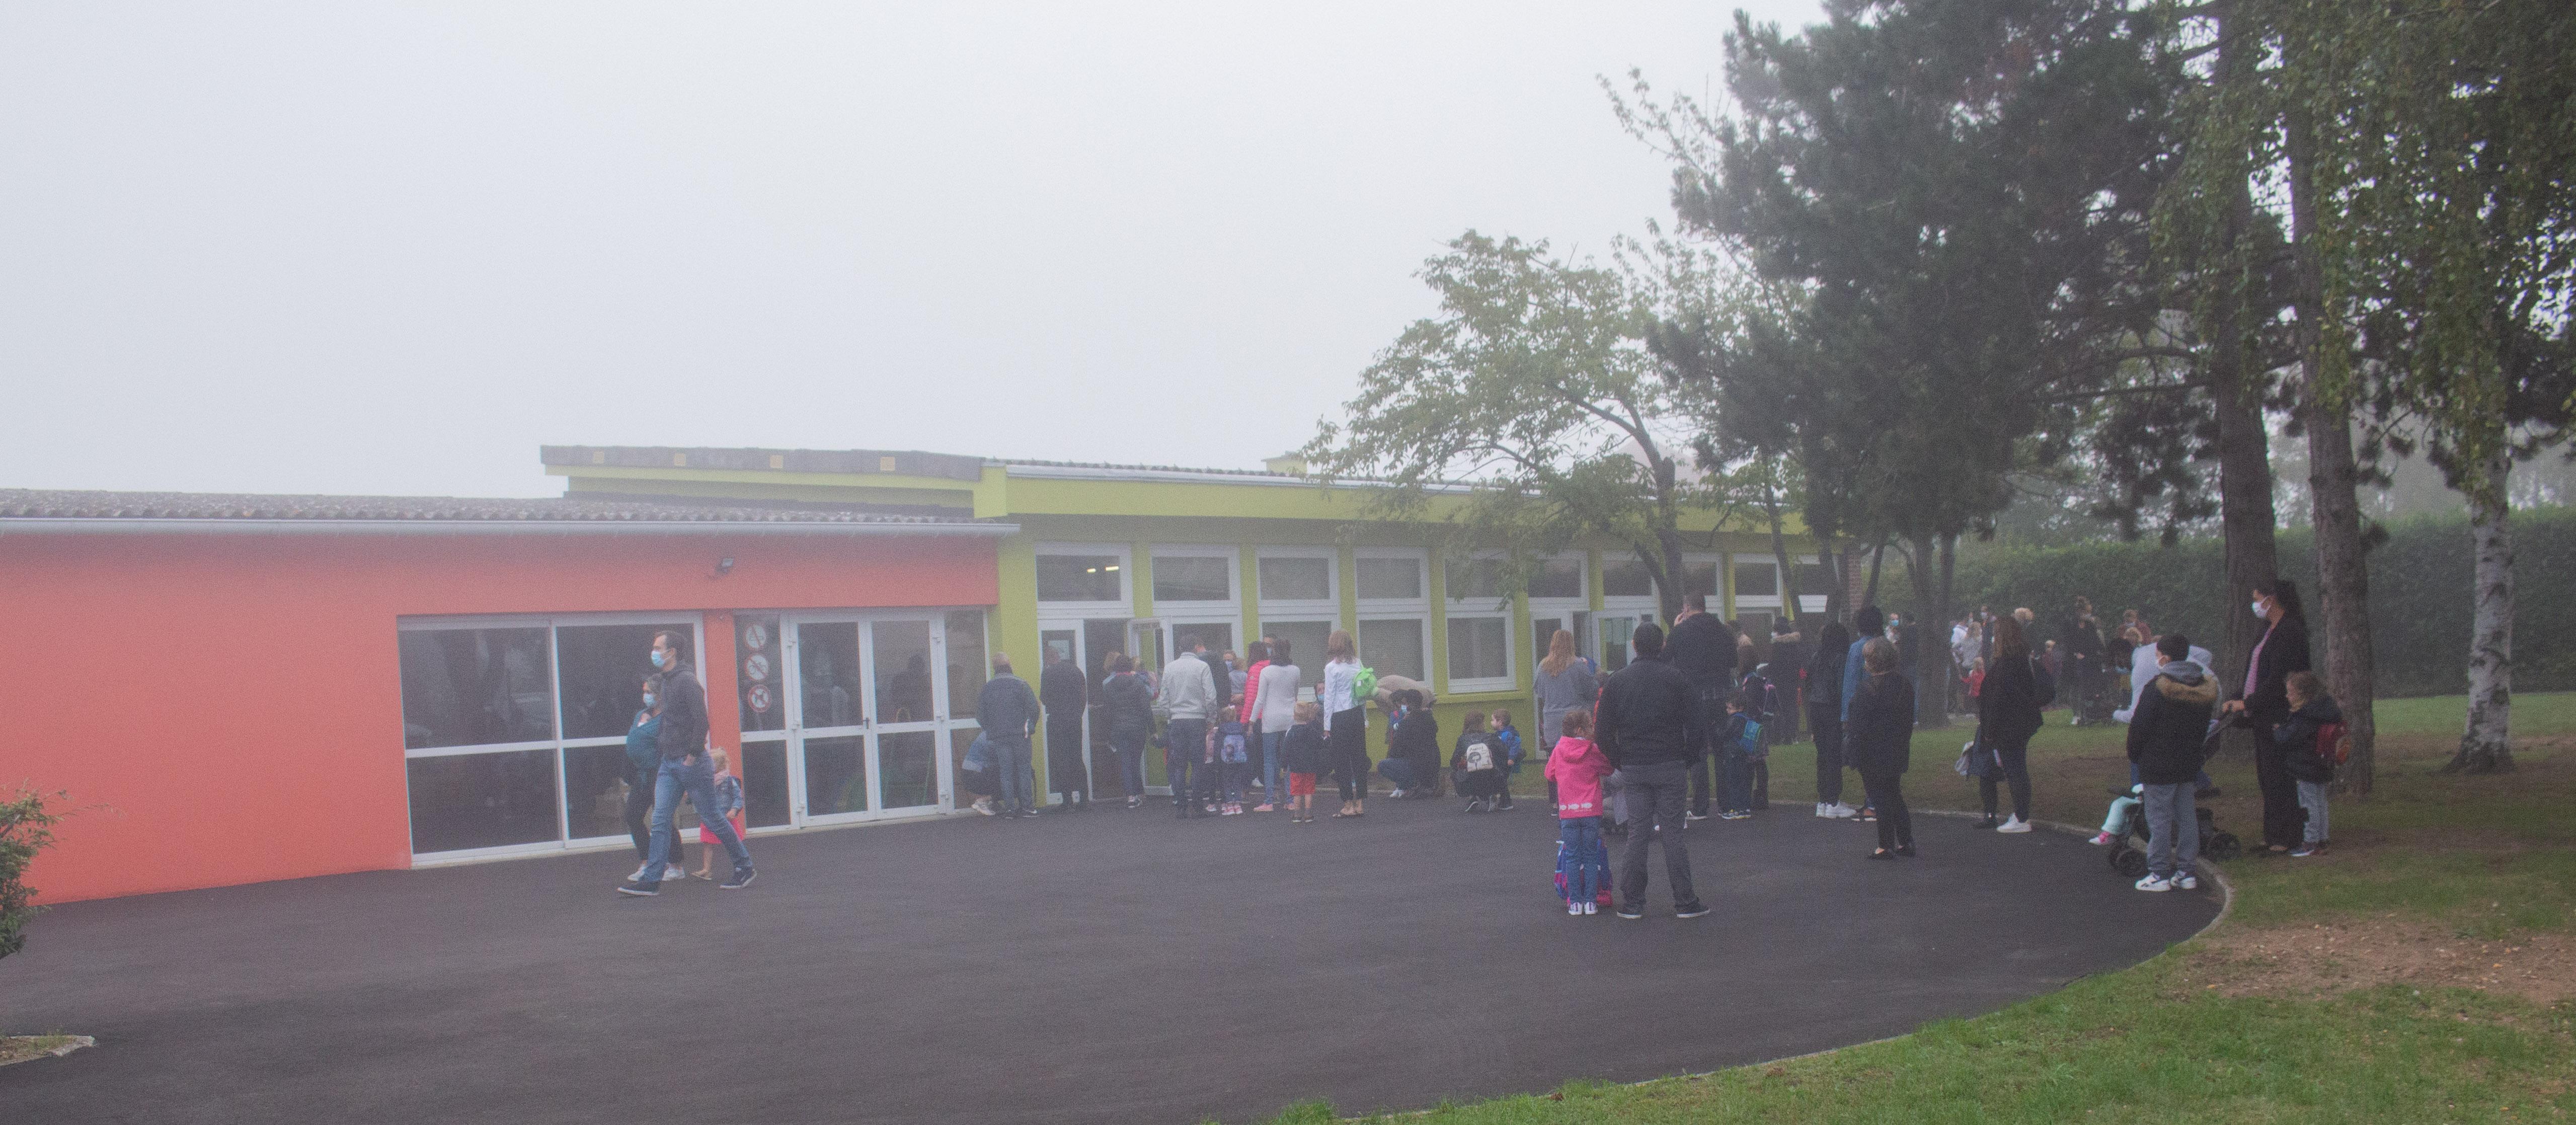 Parents devant entrée école maternelle 3.jpg